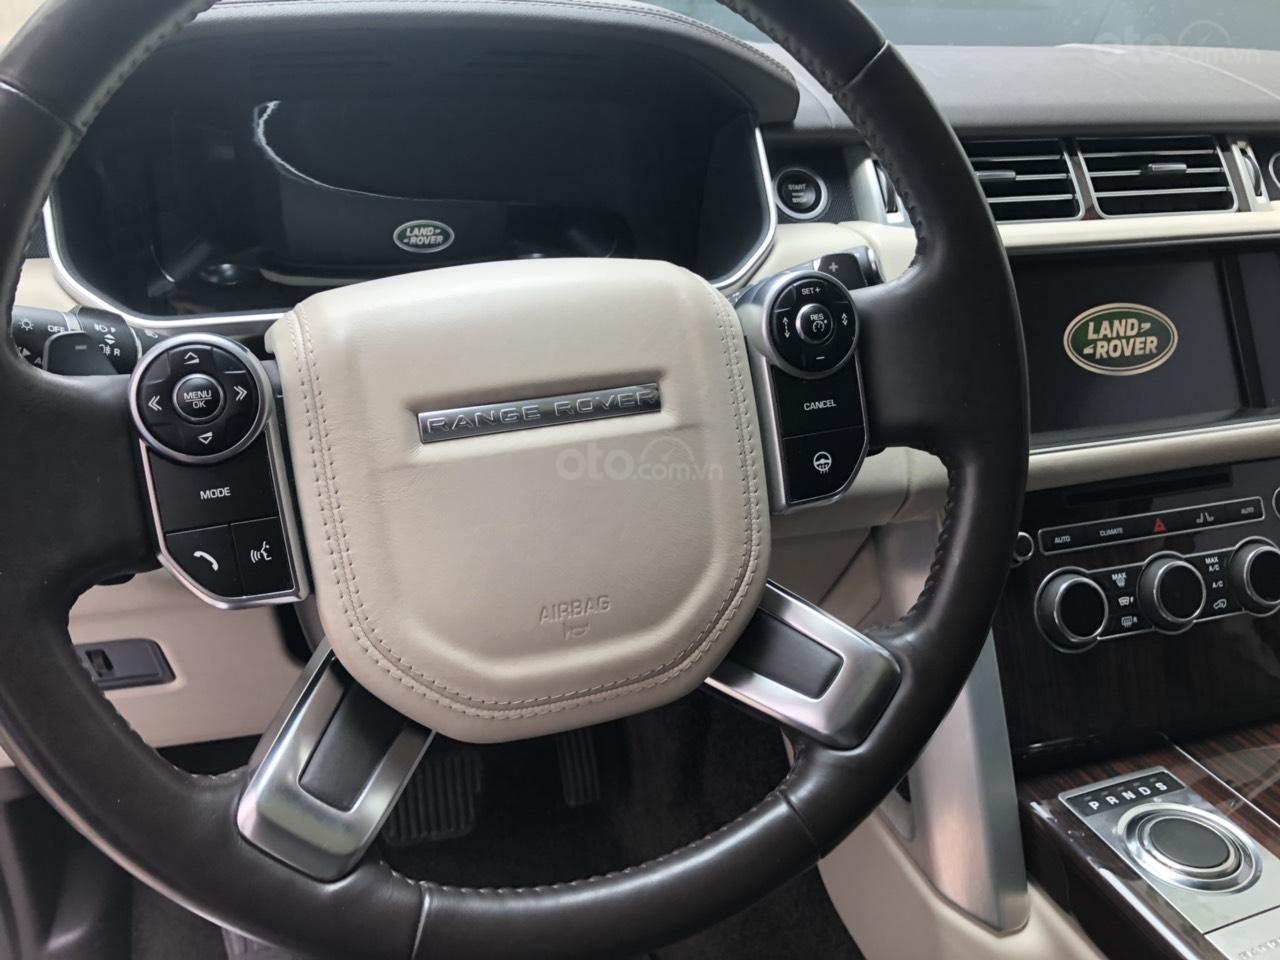 Chính chủ bán giá xe Range Rover Vogue màu đen 2015 xe đẹp giá tốt 093 2222253-8